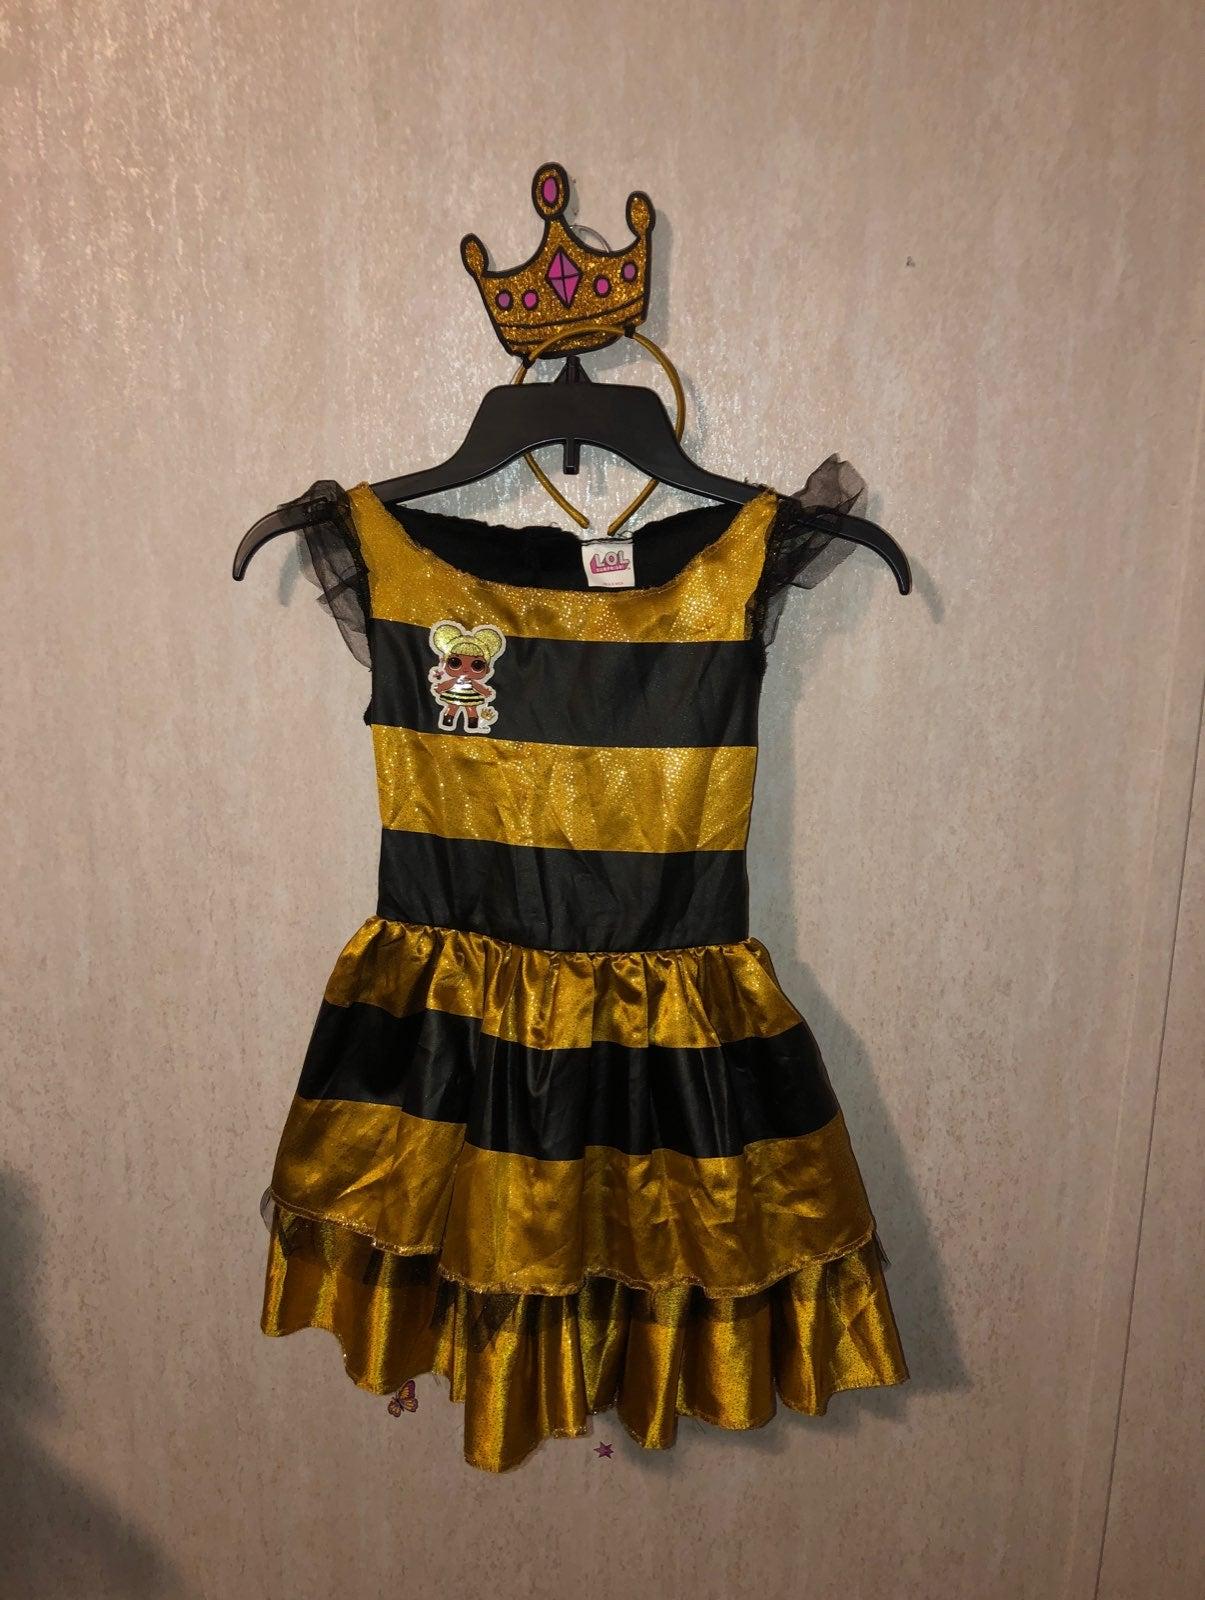 Queen bee LOL dress